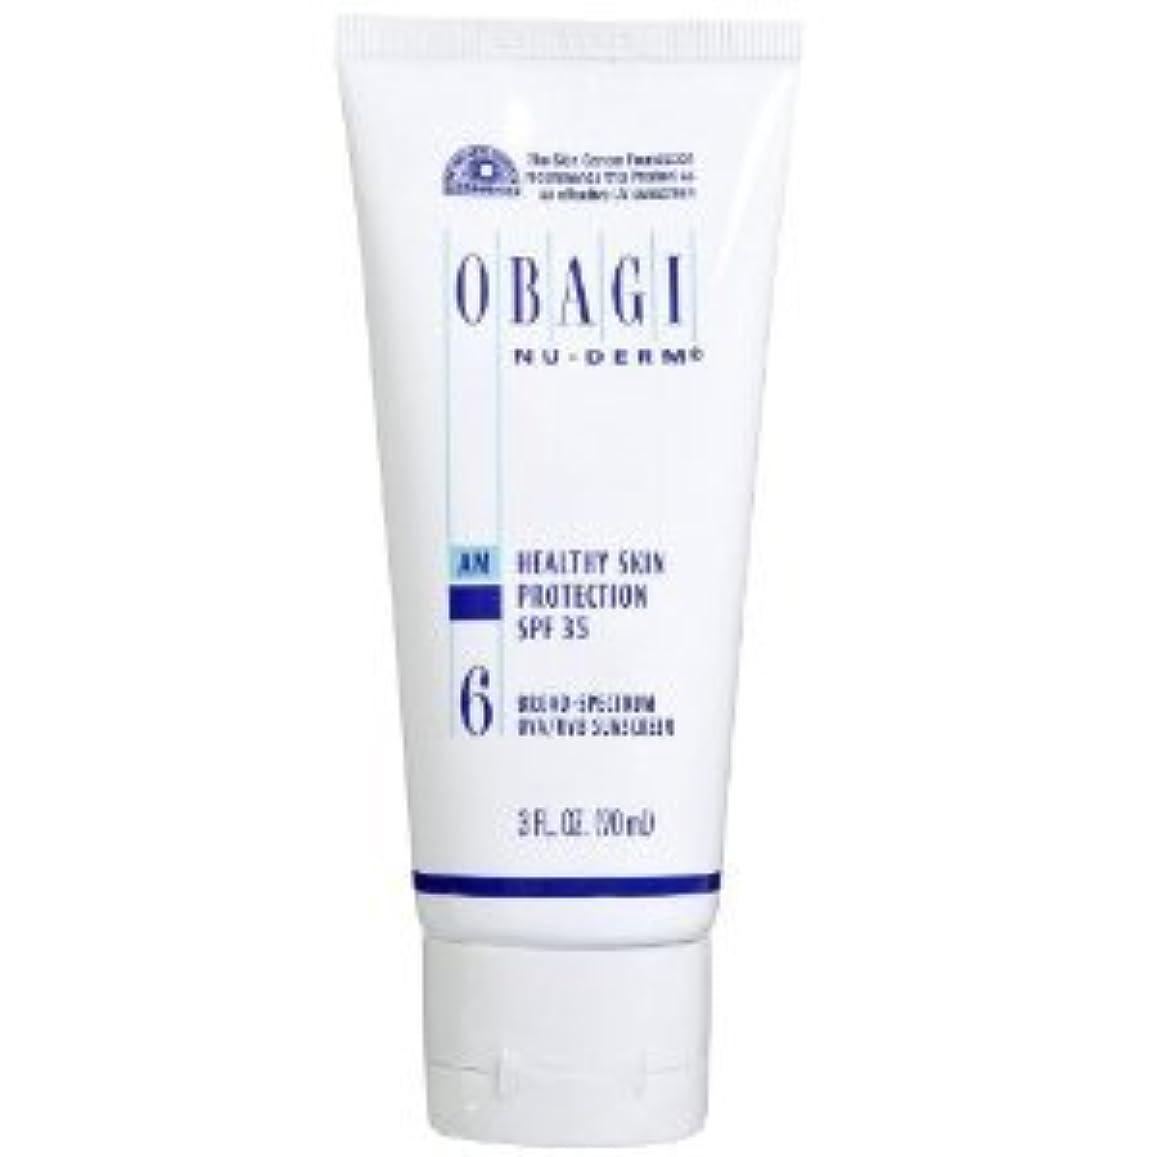 適格メディカル有益なオバジ ニューダーム スキンプロテクション サンスクリーン(SPF35) Obagi Nu-Derm Healthy Skin Protection SPF 35 Sunscreens